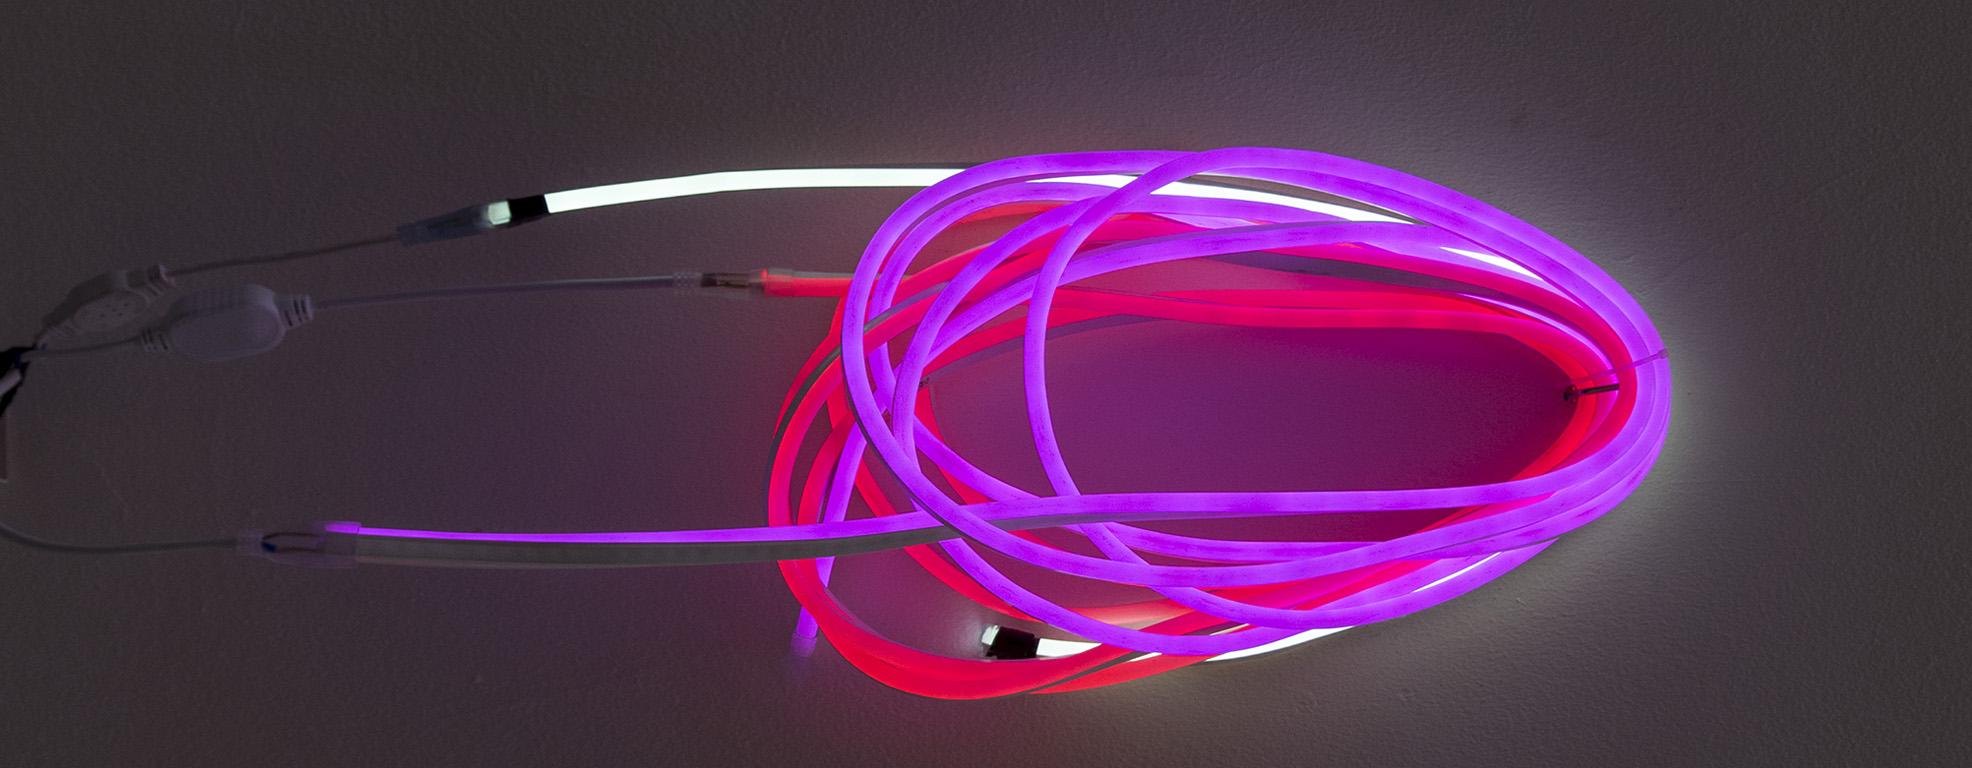 Iluminación con leds.